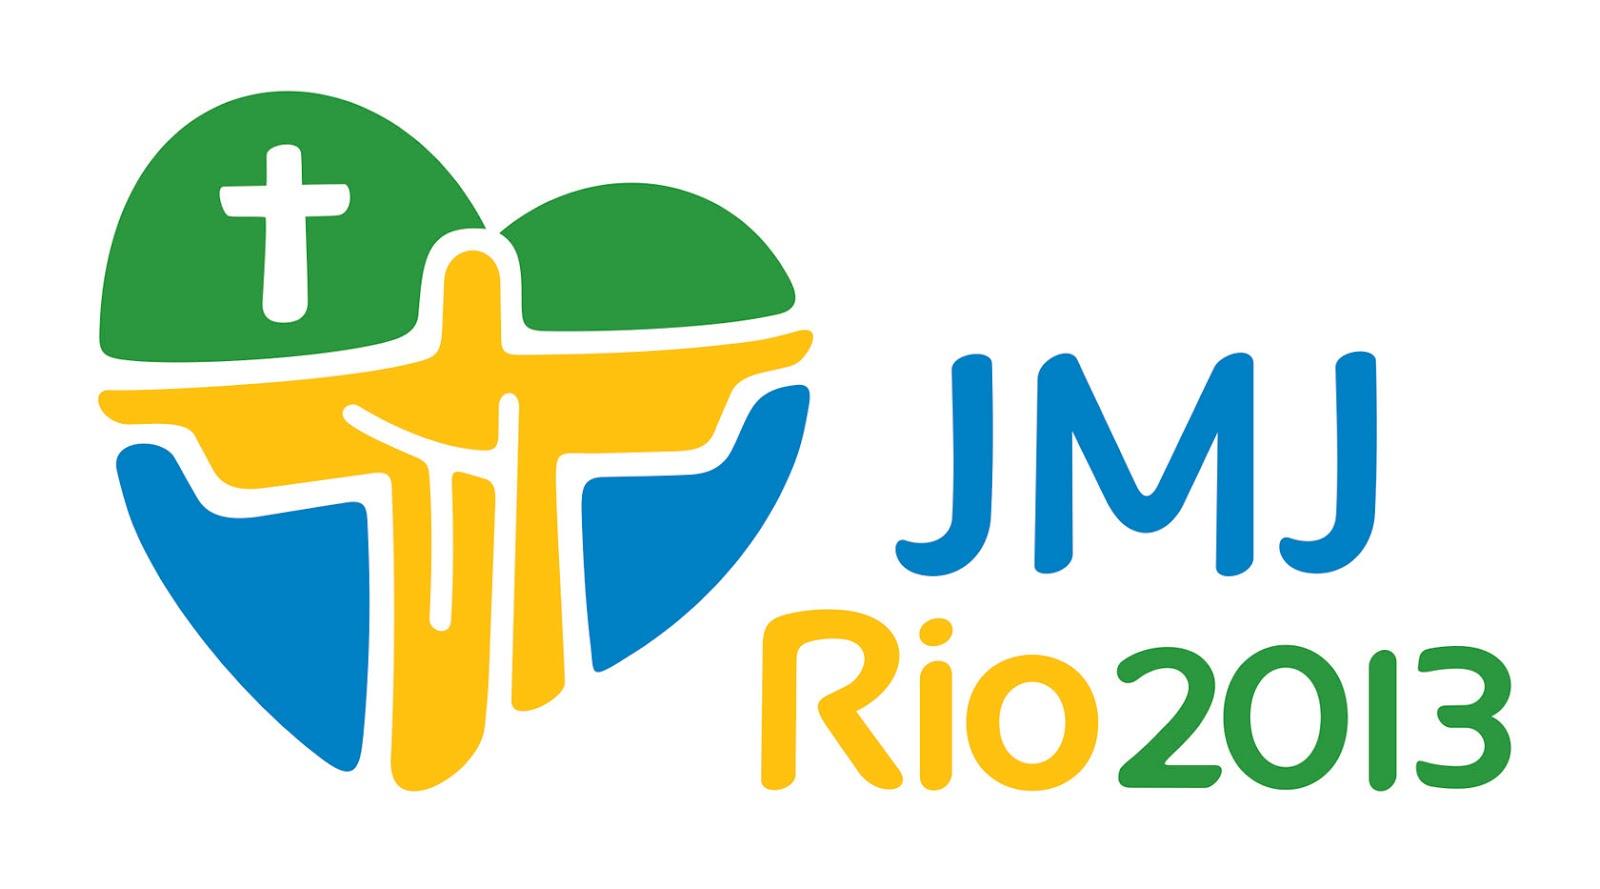 logo jmj rio 2013 publico h 171 jovens conectados